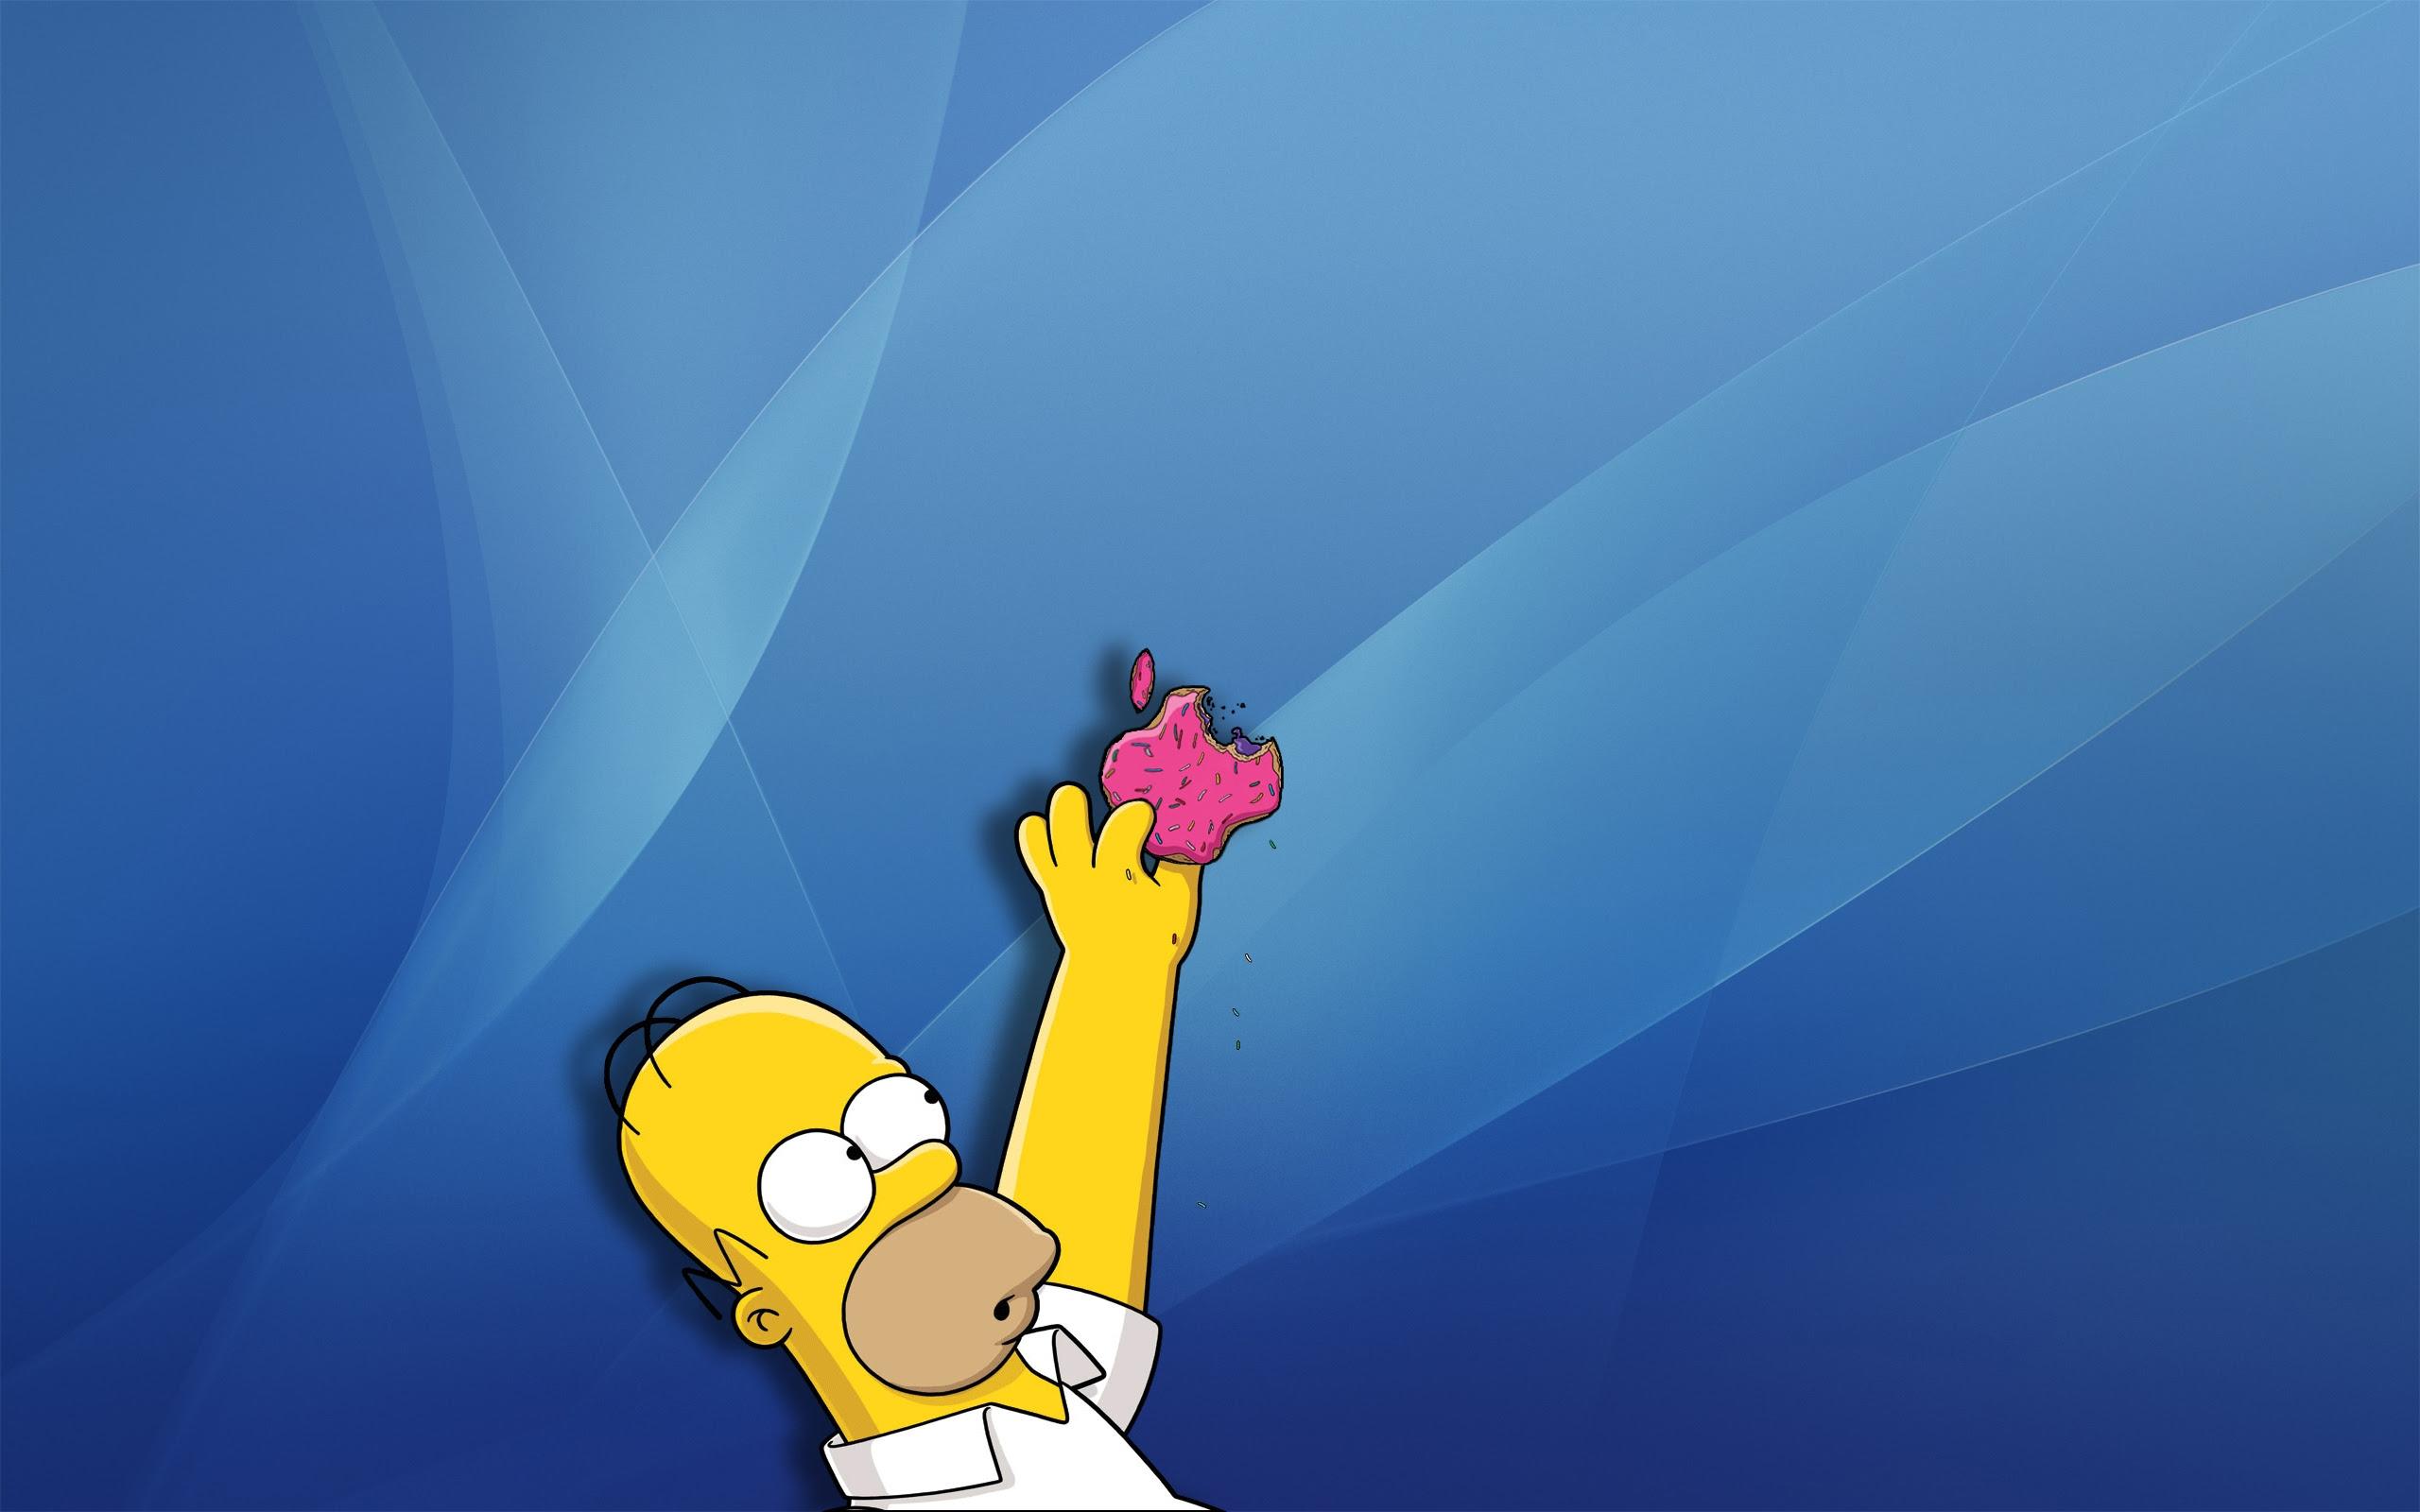 Desktop Simpsons HD Wallpapers   PixelsTalk.Net